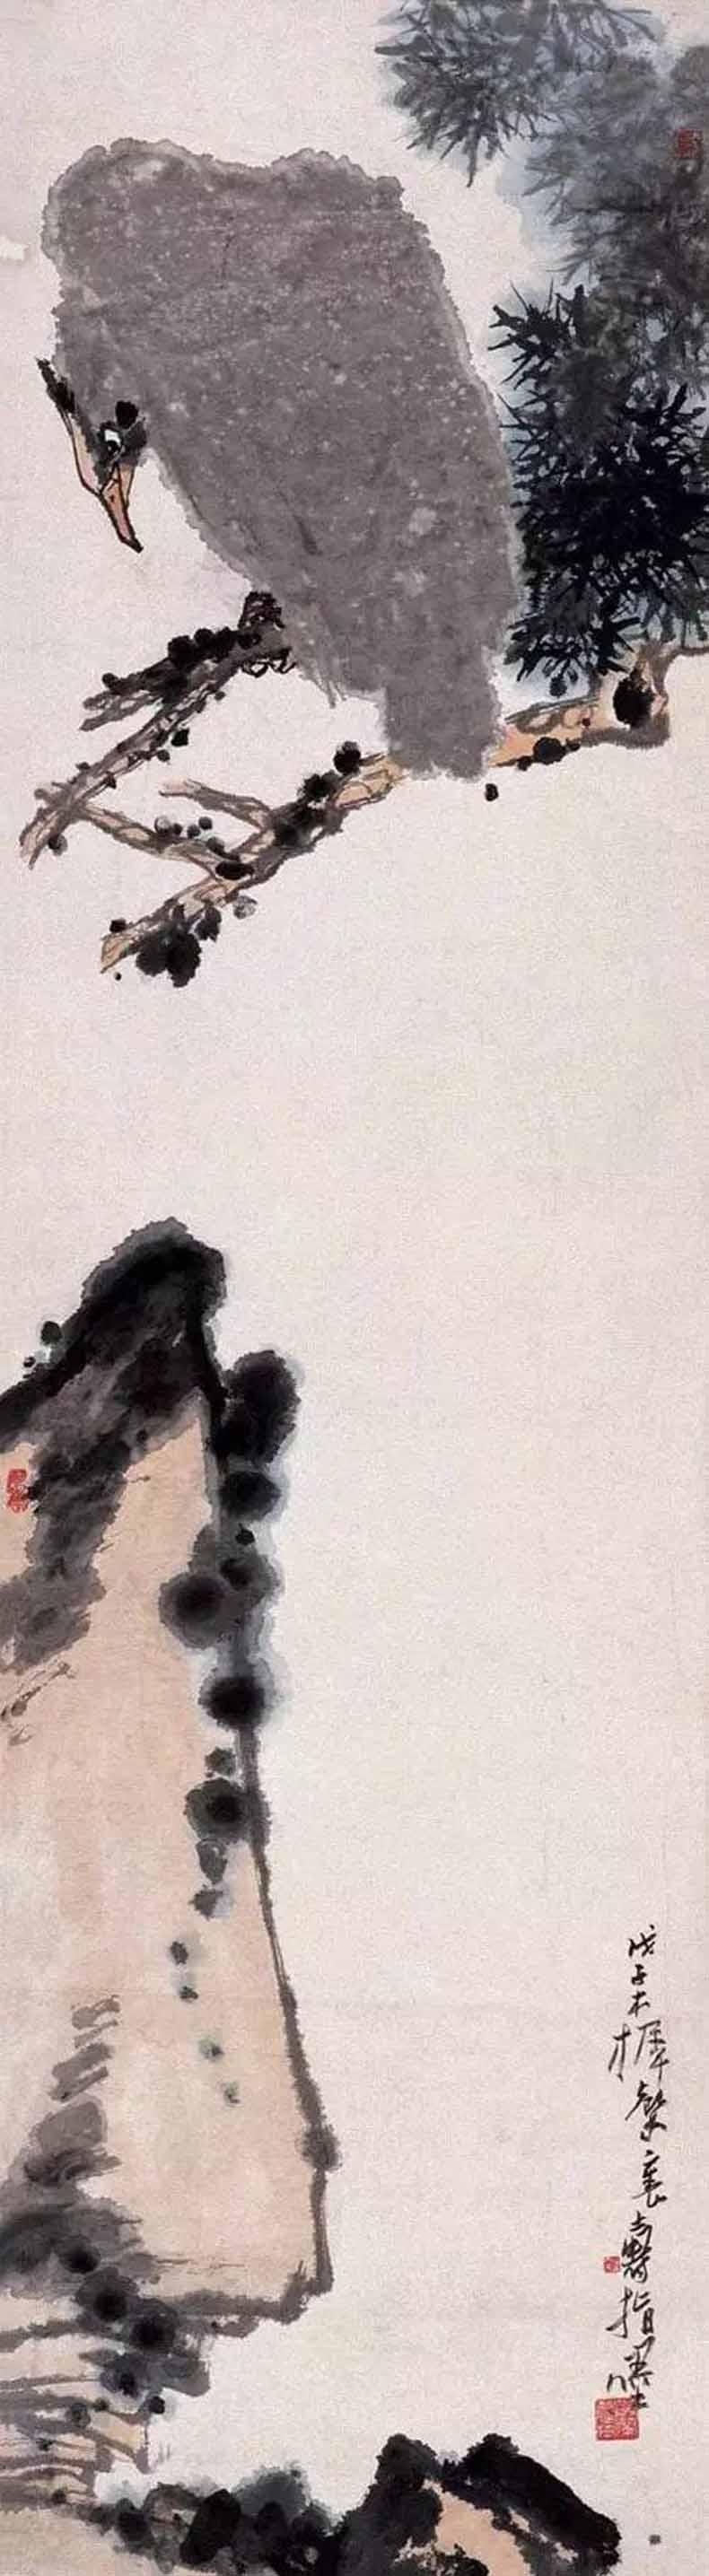 潘天寿 松鹰 1948年作 149×40.5cm 纸本水墨设色 中国美术馆藏